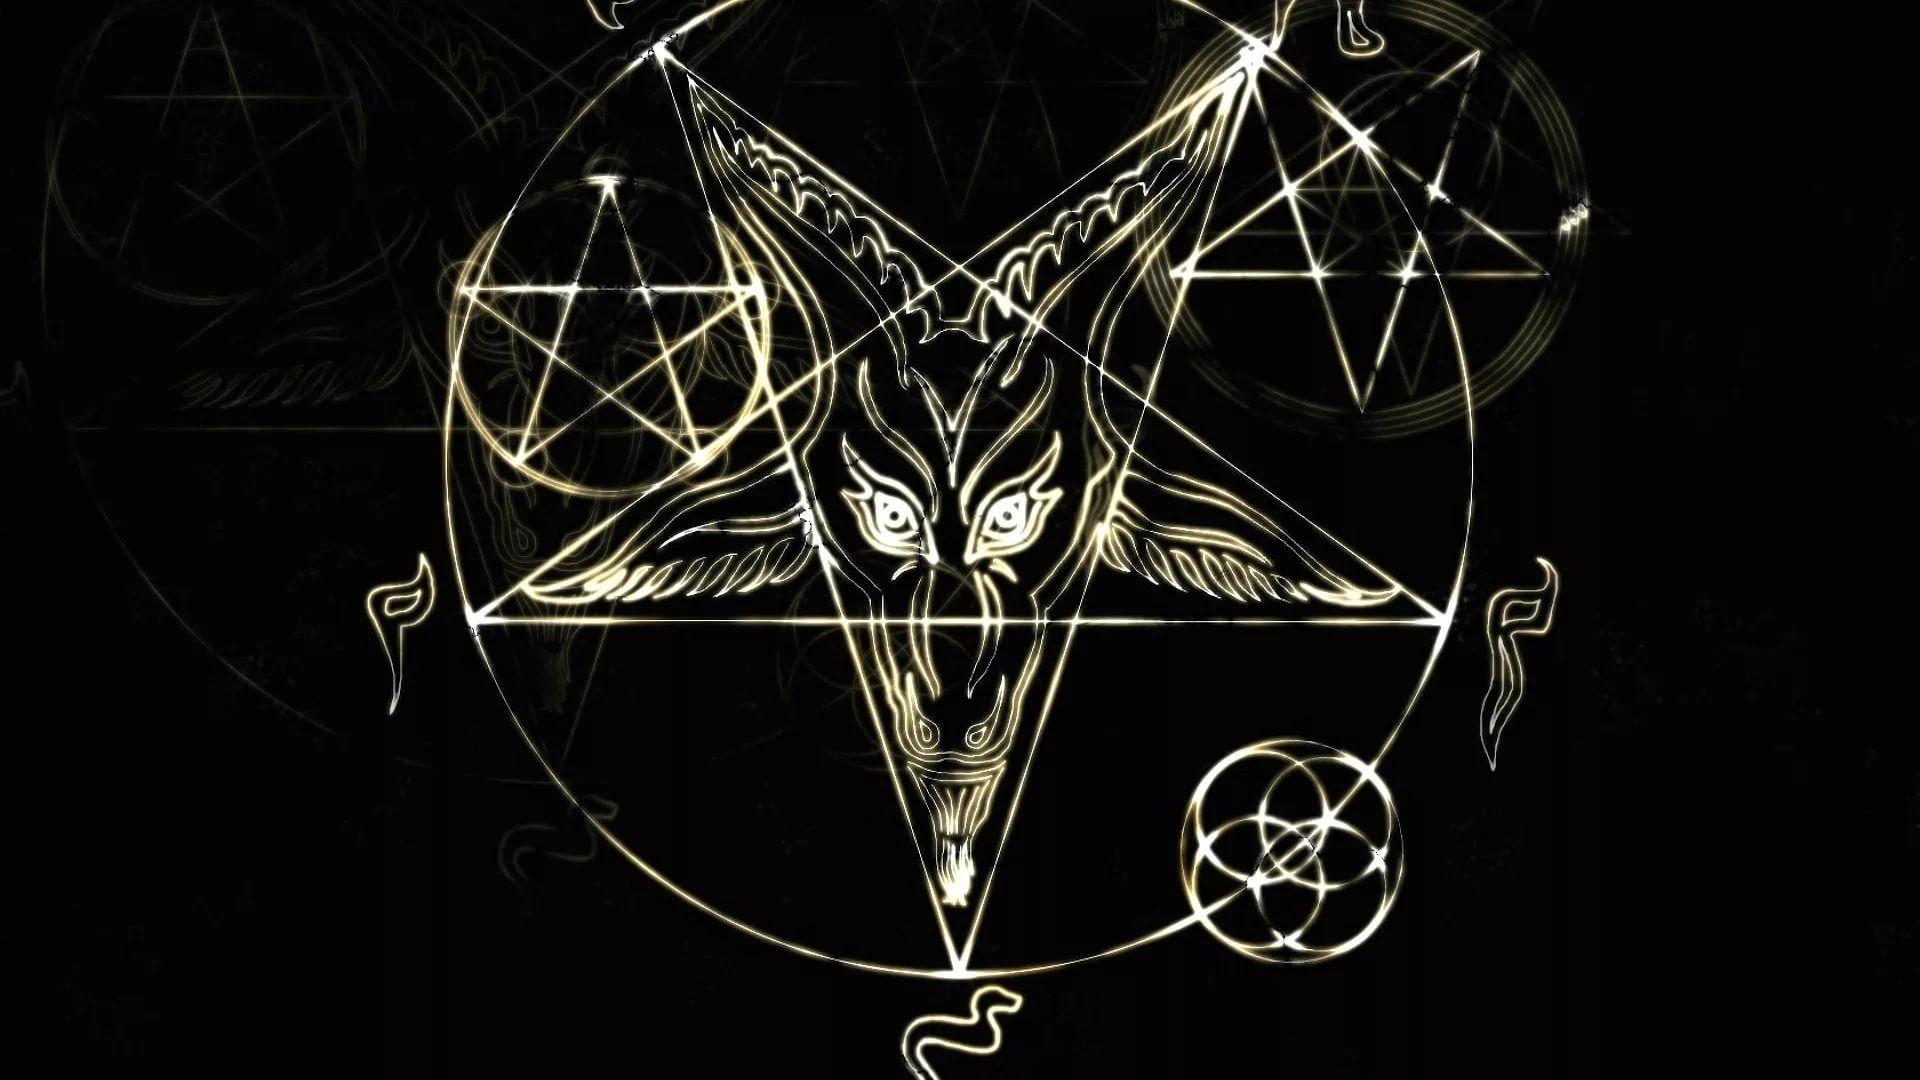 Pentagram Wallpaper Theme